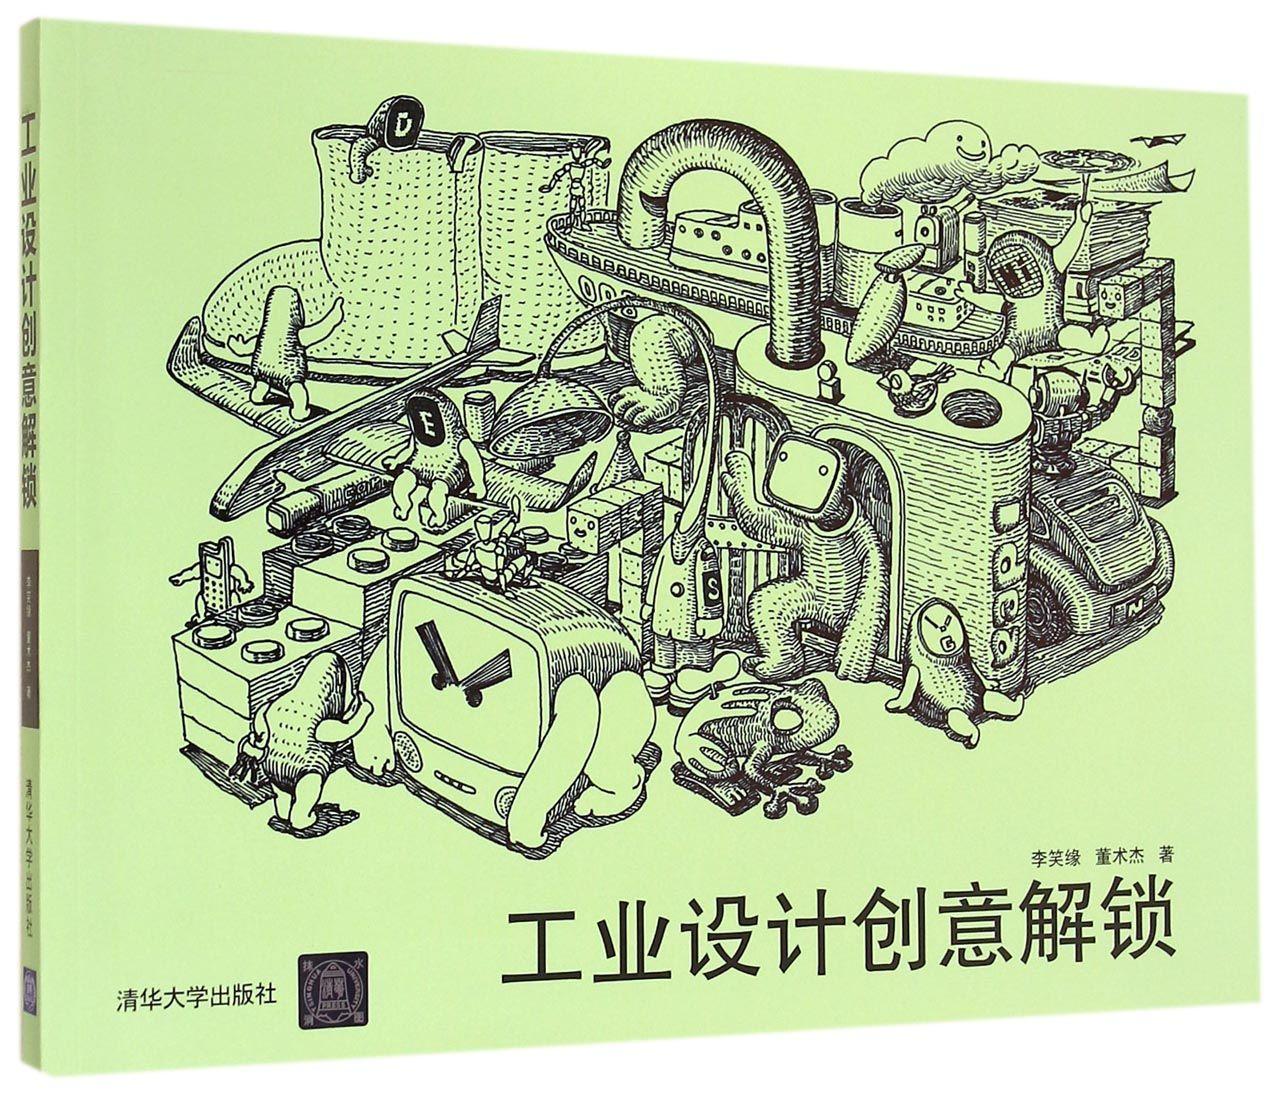 工业设计创意解锁-云书网